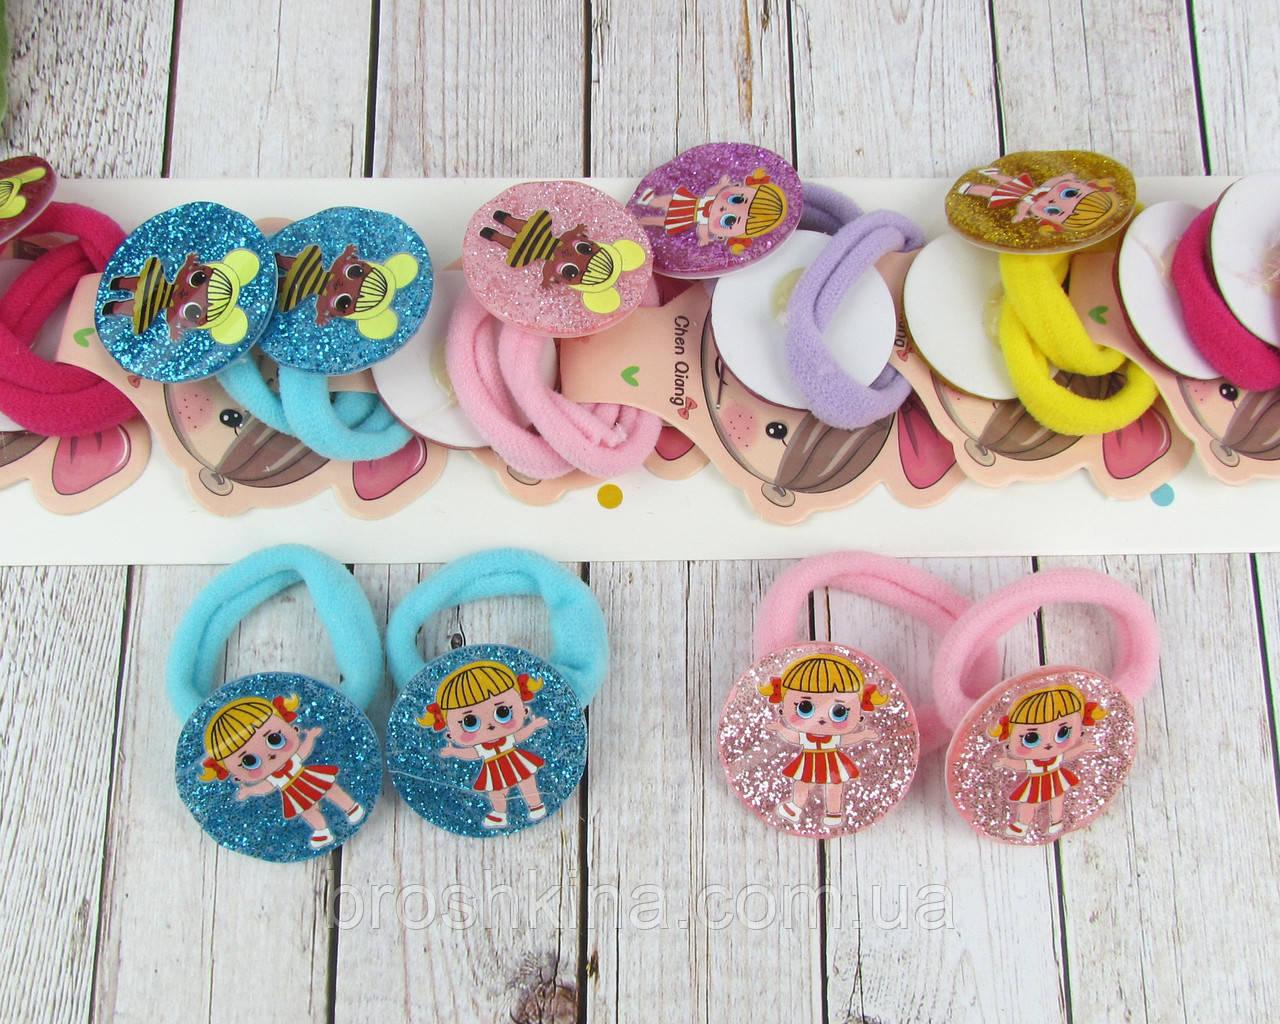 Детские резиночки для волос куколки LOL 10 пар/уп.